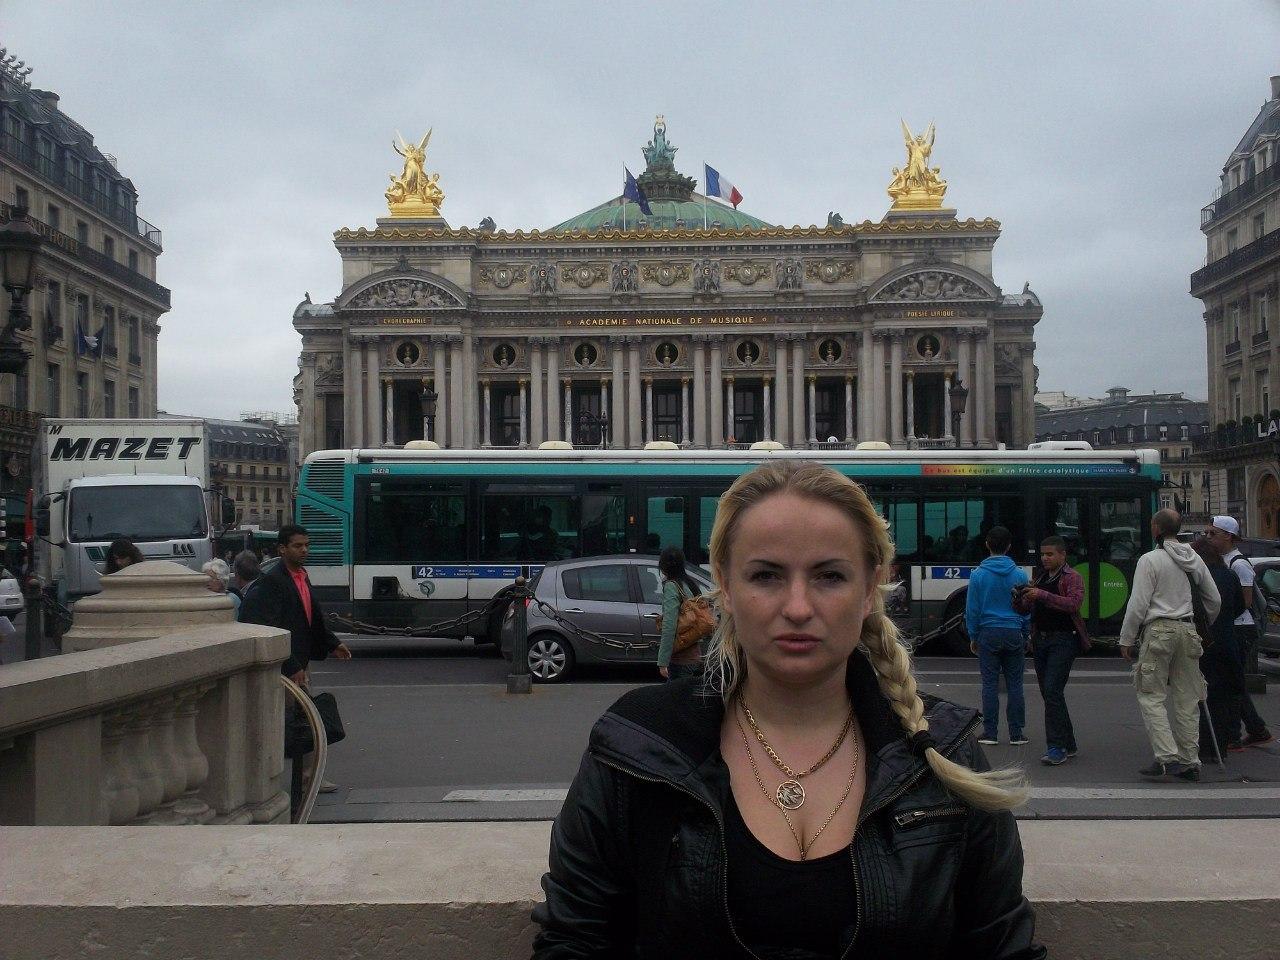 Елена Руденко. Франция. Париж. 2013 г. июнь. E0JoAUuYzJk